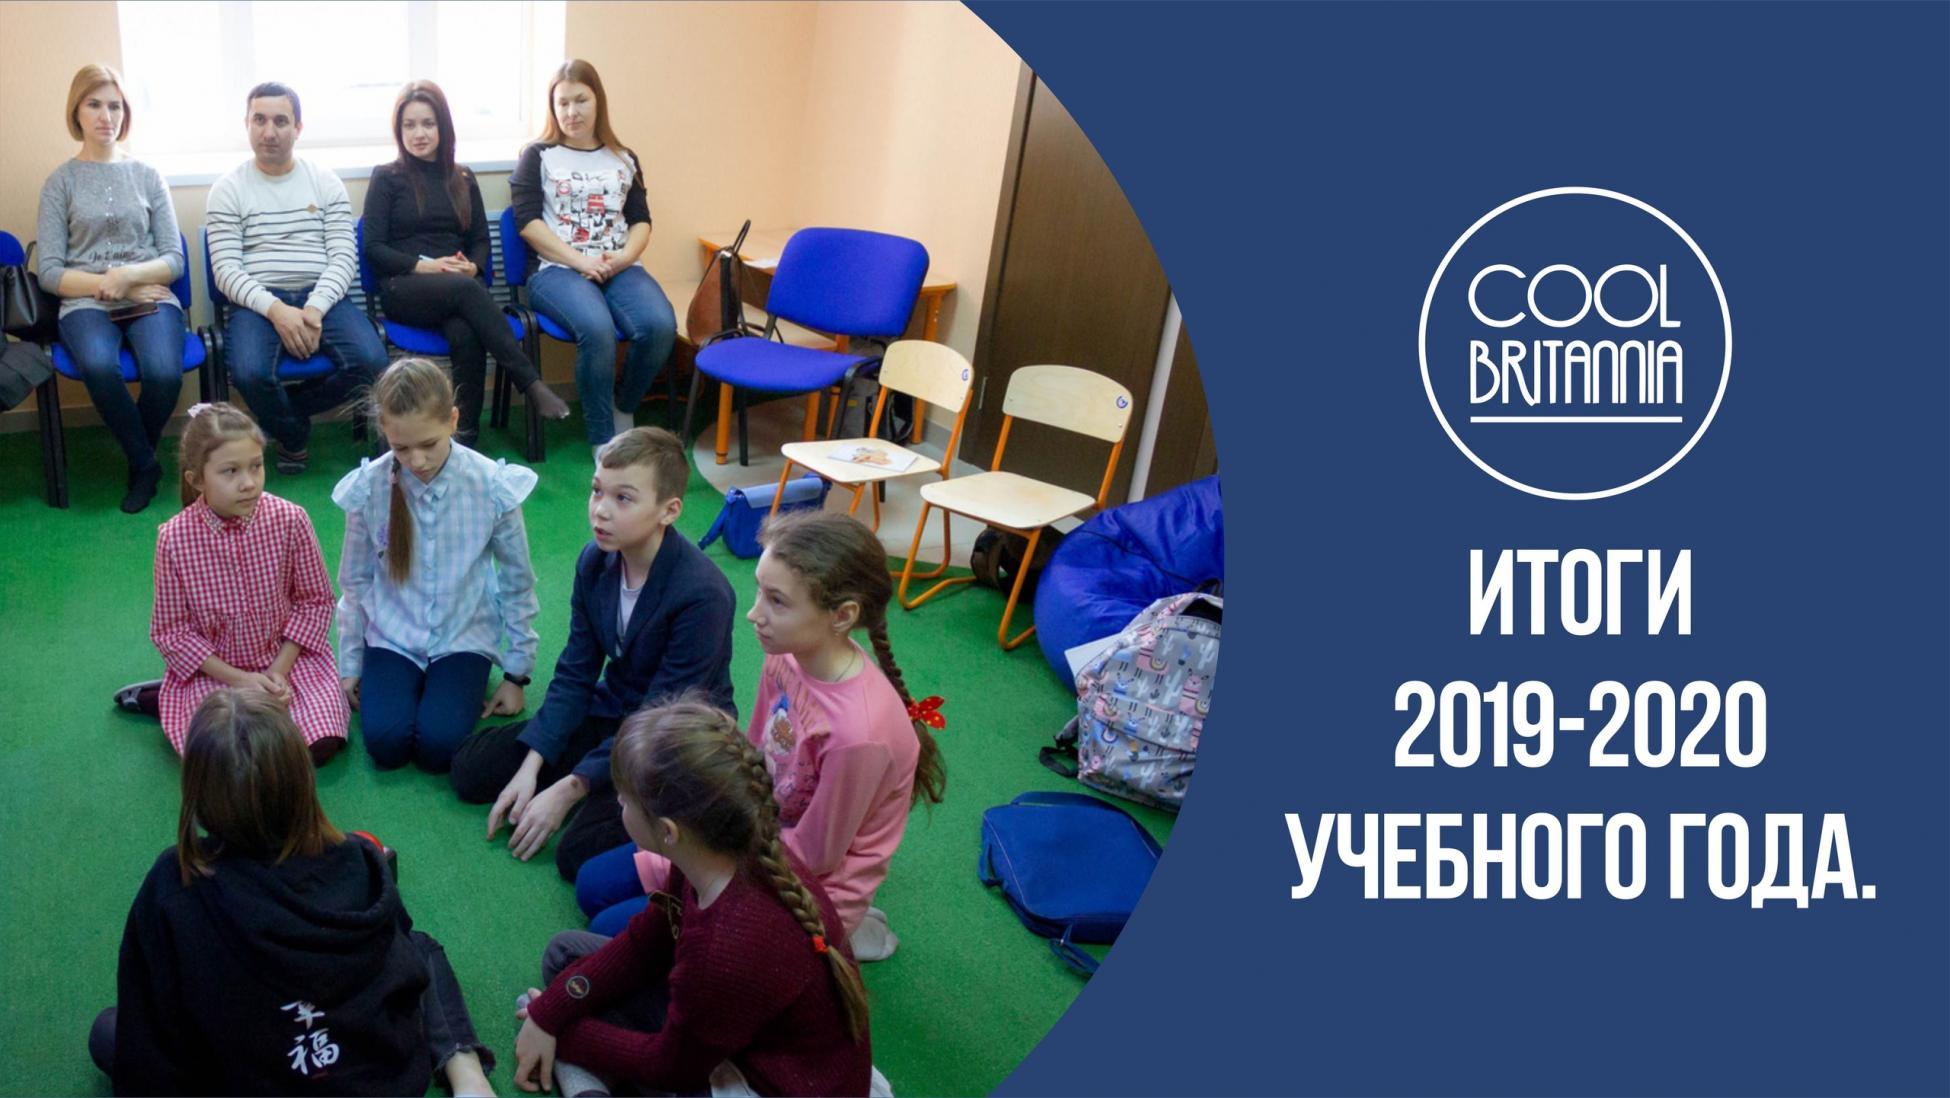 Итоги 2019-2020 учебного года. Май 2020 г.